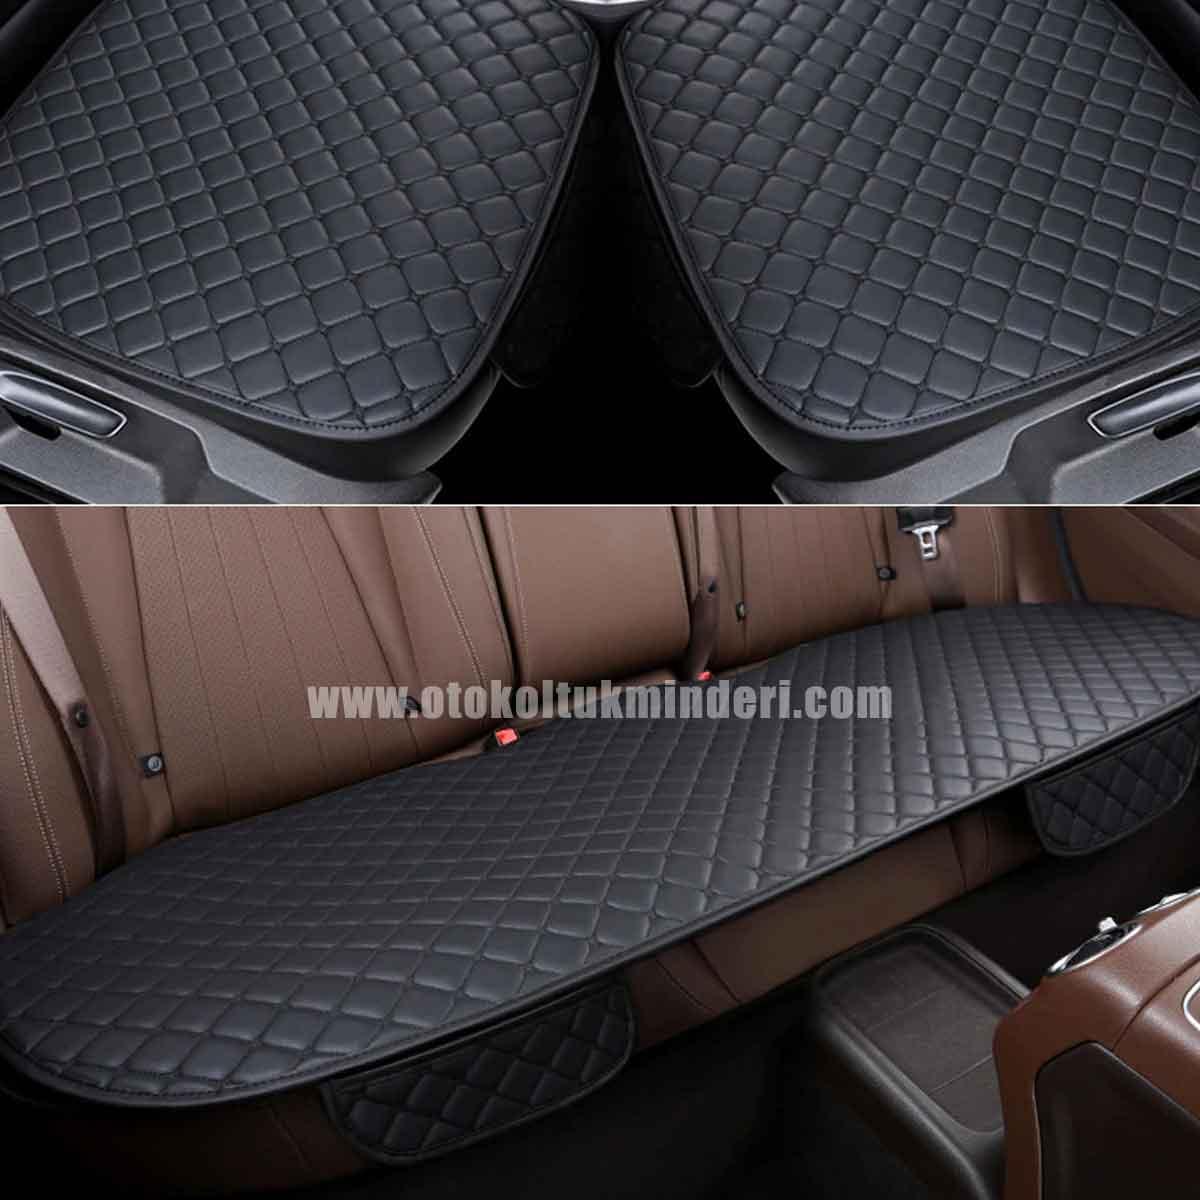 Land Rover koltuk kılıfı deri - Land Rover Koltuk minderi Siyah Deri Cepli